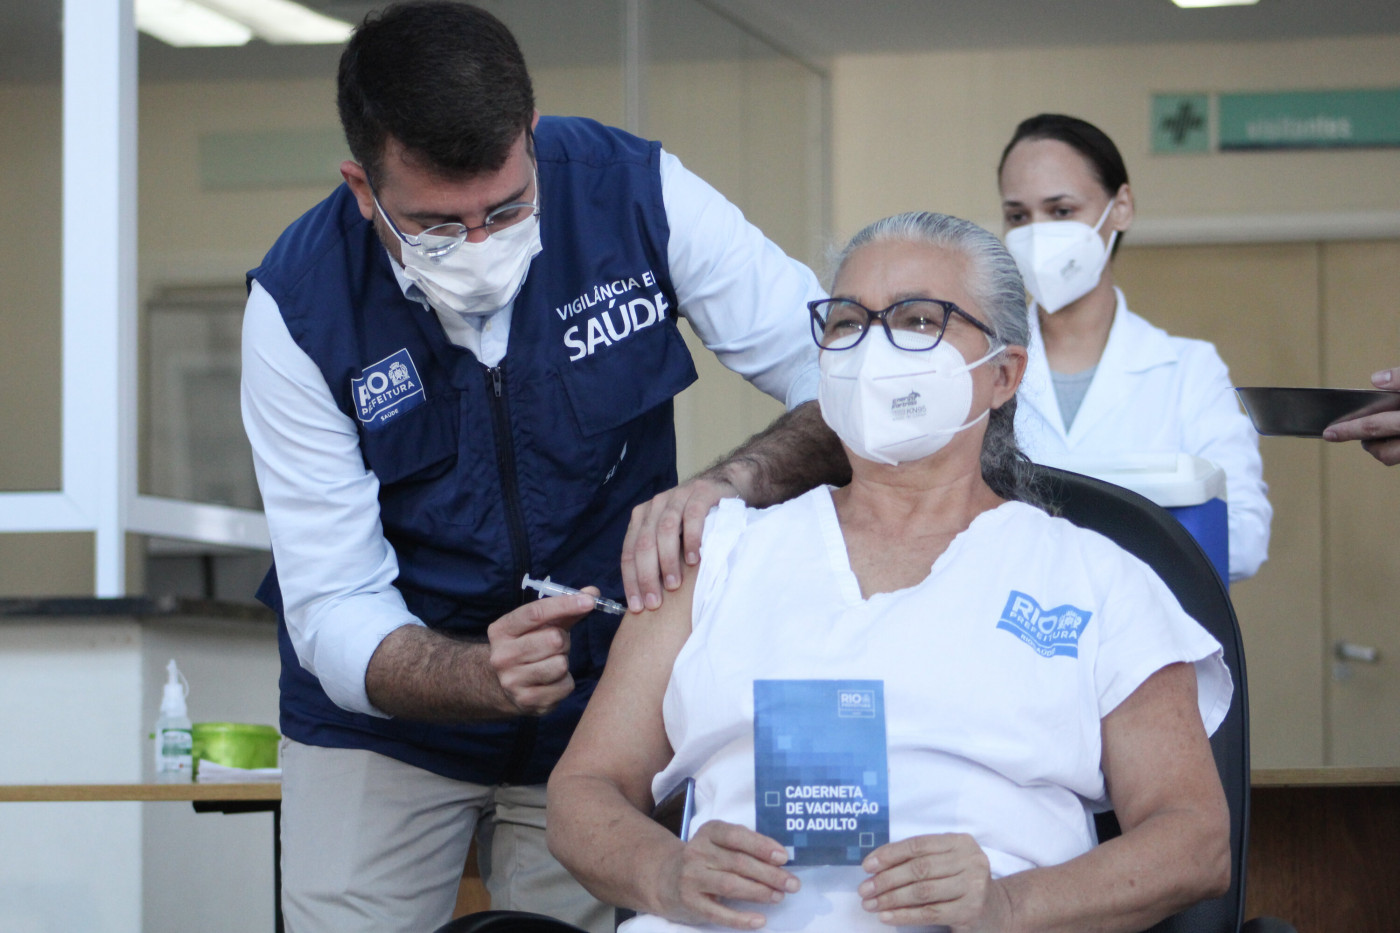 A Secretaria Municipal de Saúde deu início na manhã desta quarta-feira, 14, a aplicação da vacina contra a gripe em trabalhadores da área da saúde, no Hospital Municipal Ronaldo Gazolla, na zona norte do Rio de Janeiro.